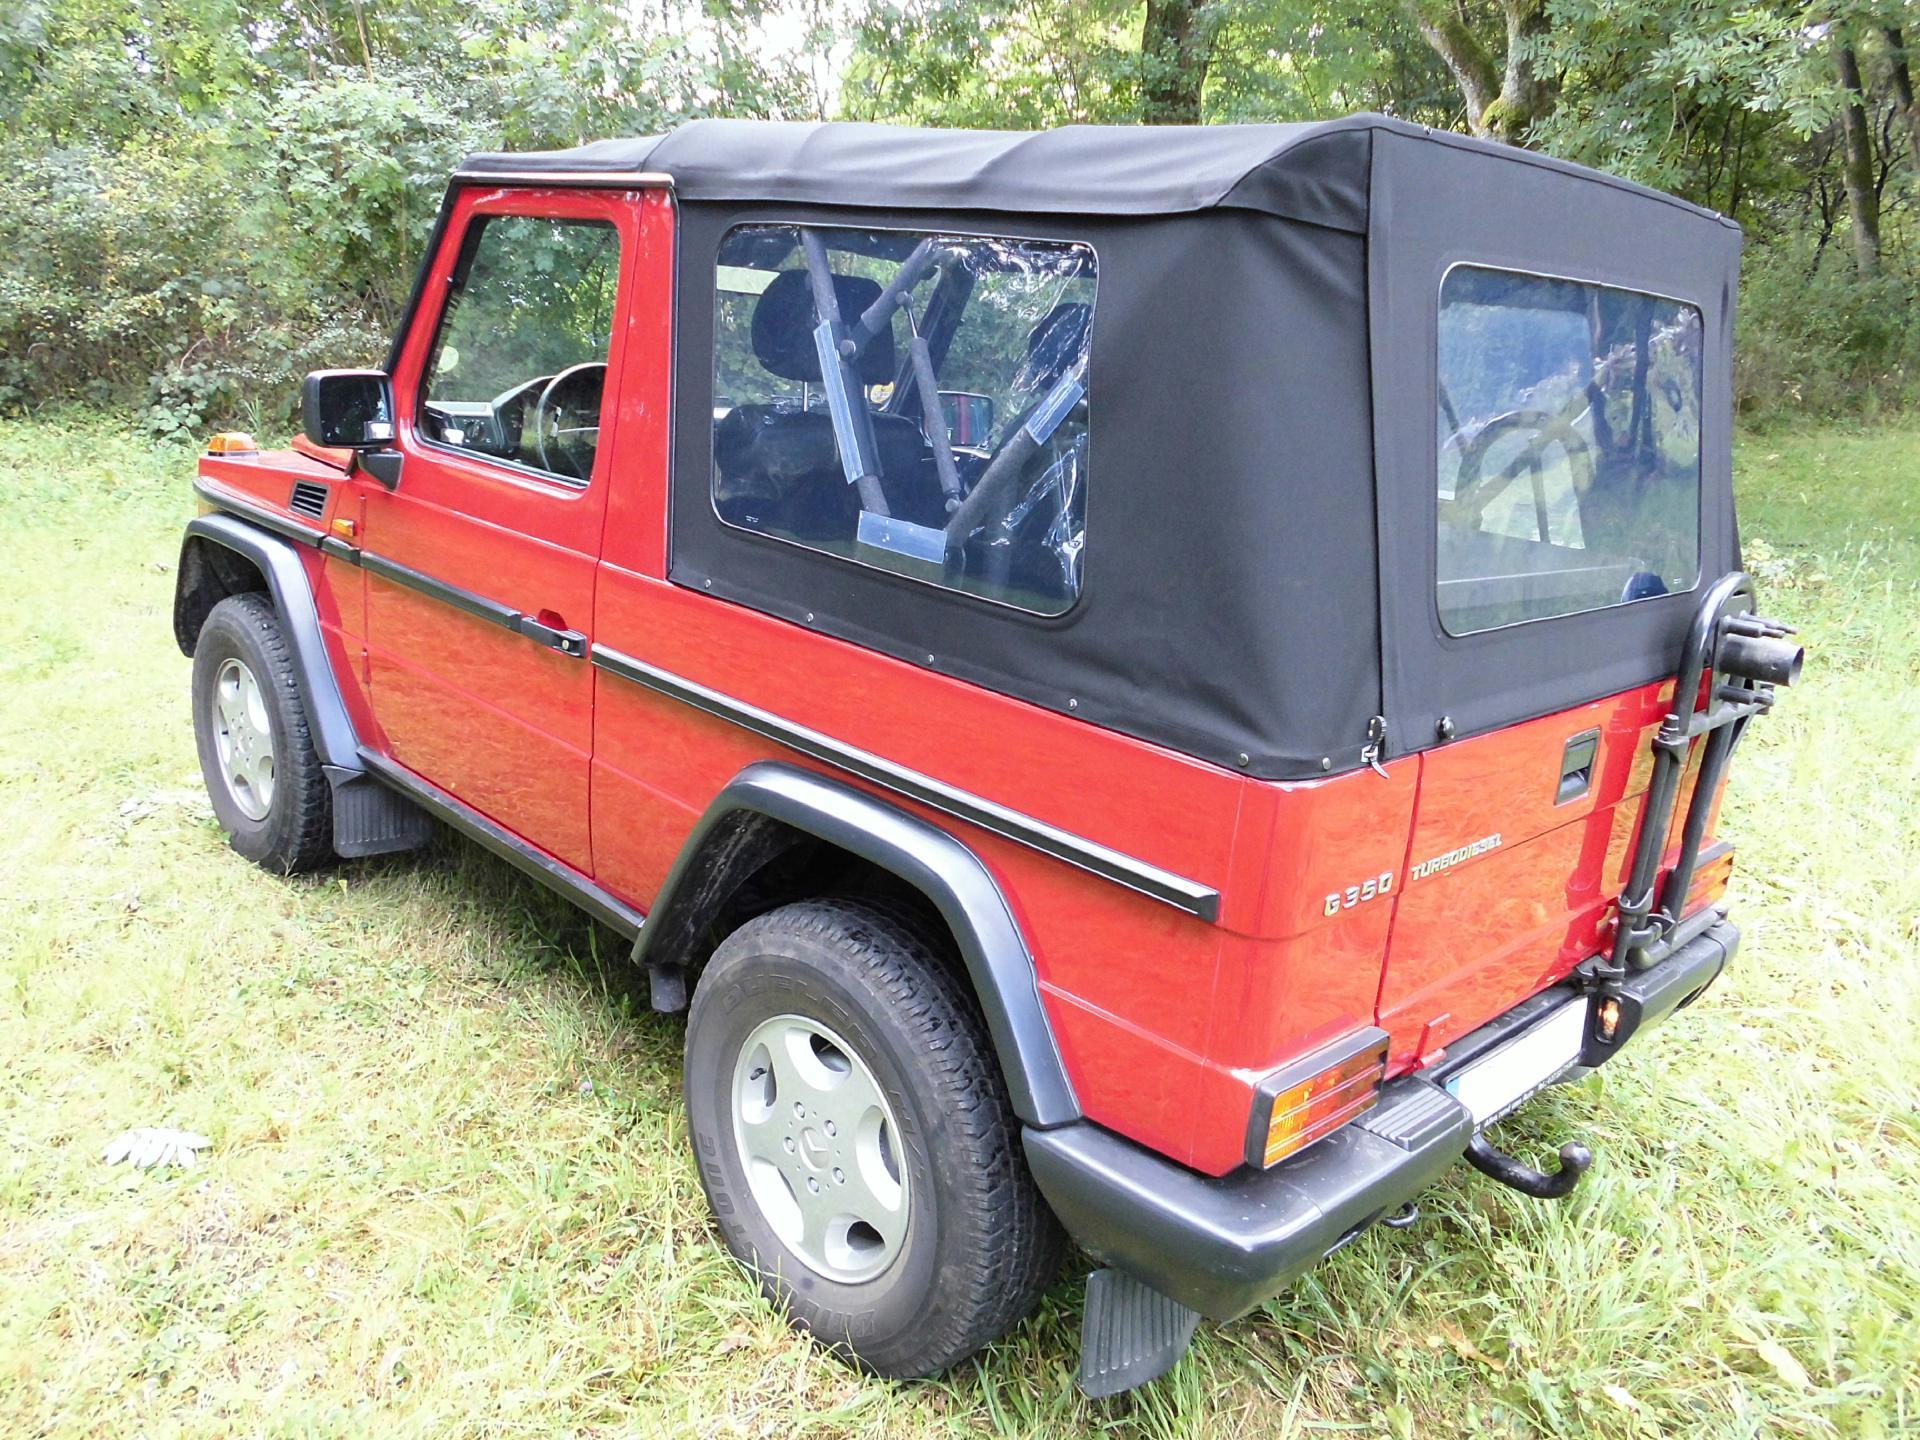 mercedes g 463 cabrio verdeck 3 willkommen beim g shop24 ersatzteile f r die g klasse. Black Bedroom Furniture Sets. Home Design Ideas